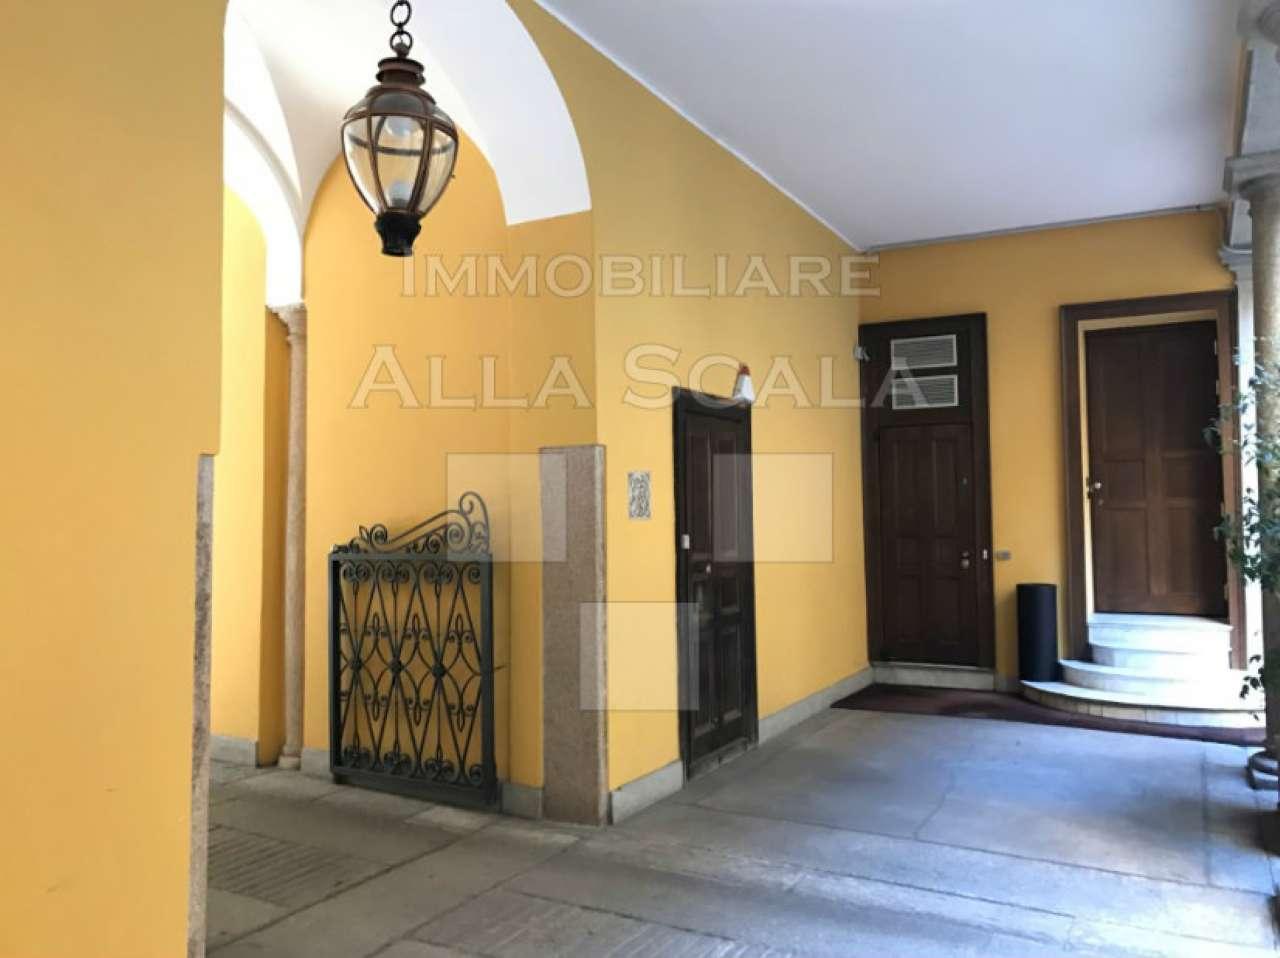 Attico in Vendita a Milano: 4 locali, 130 mq - Foto 4